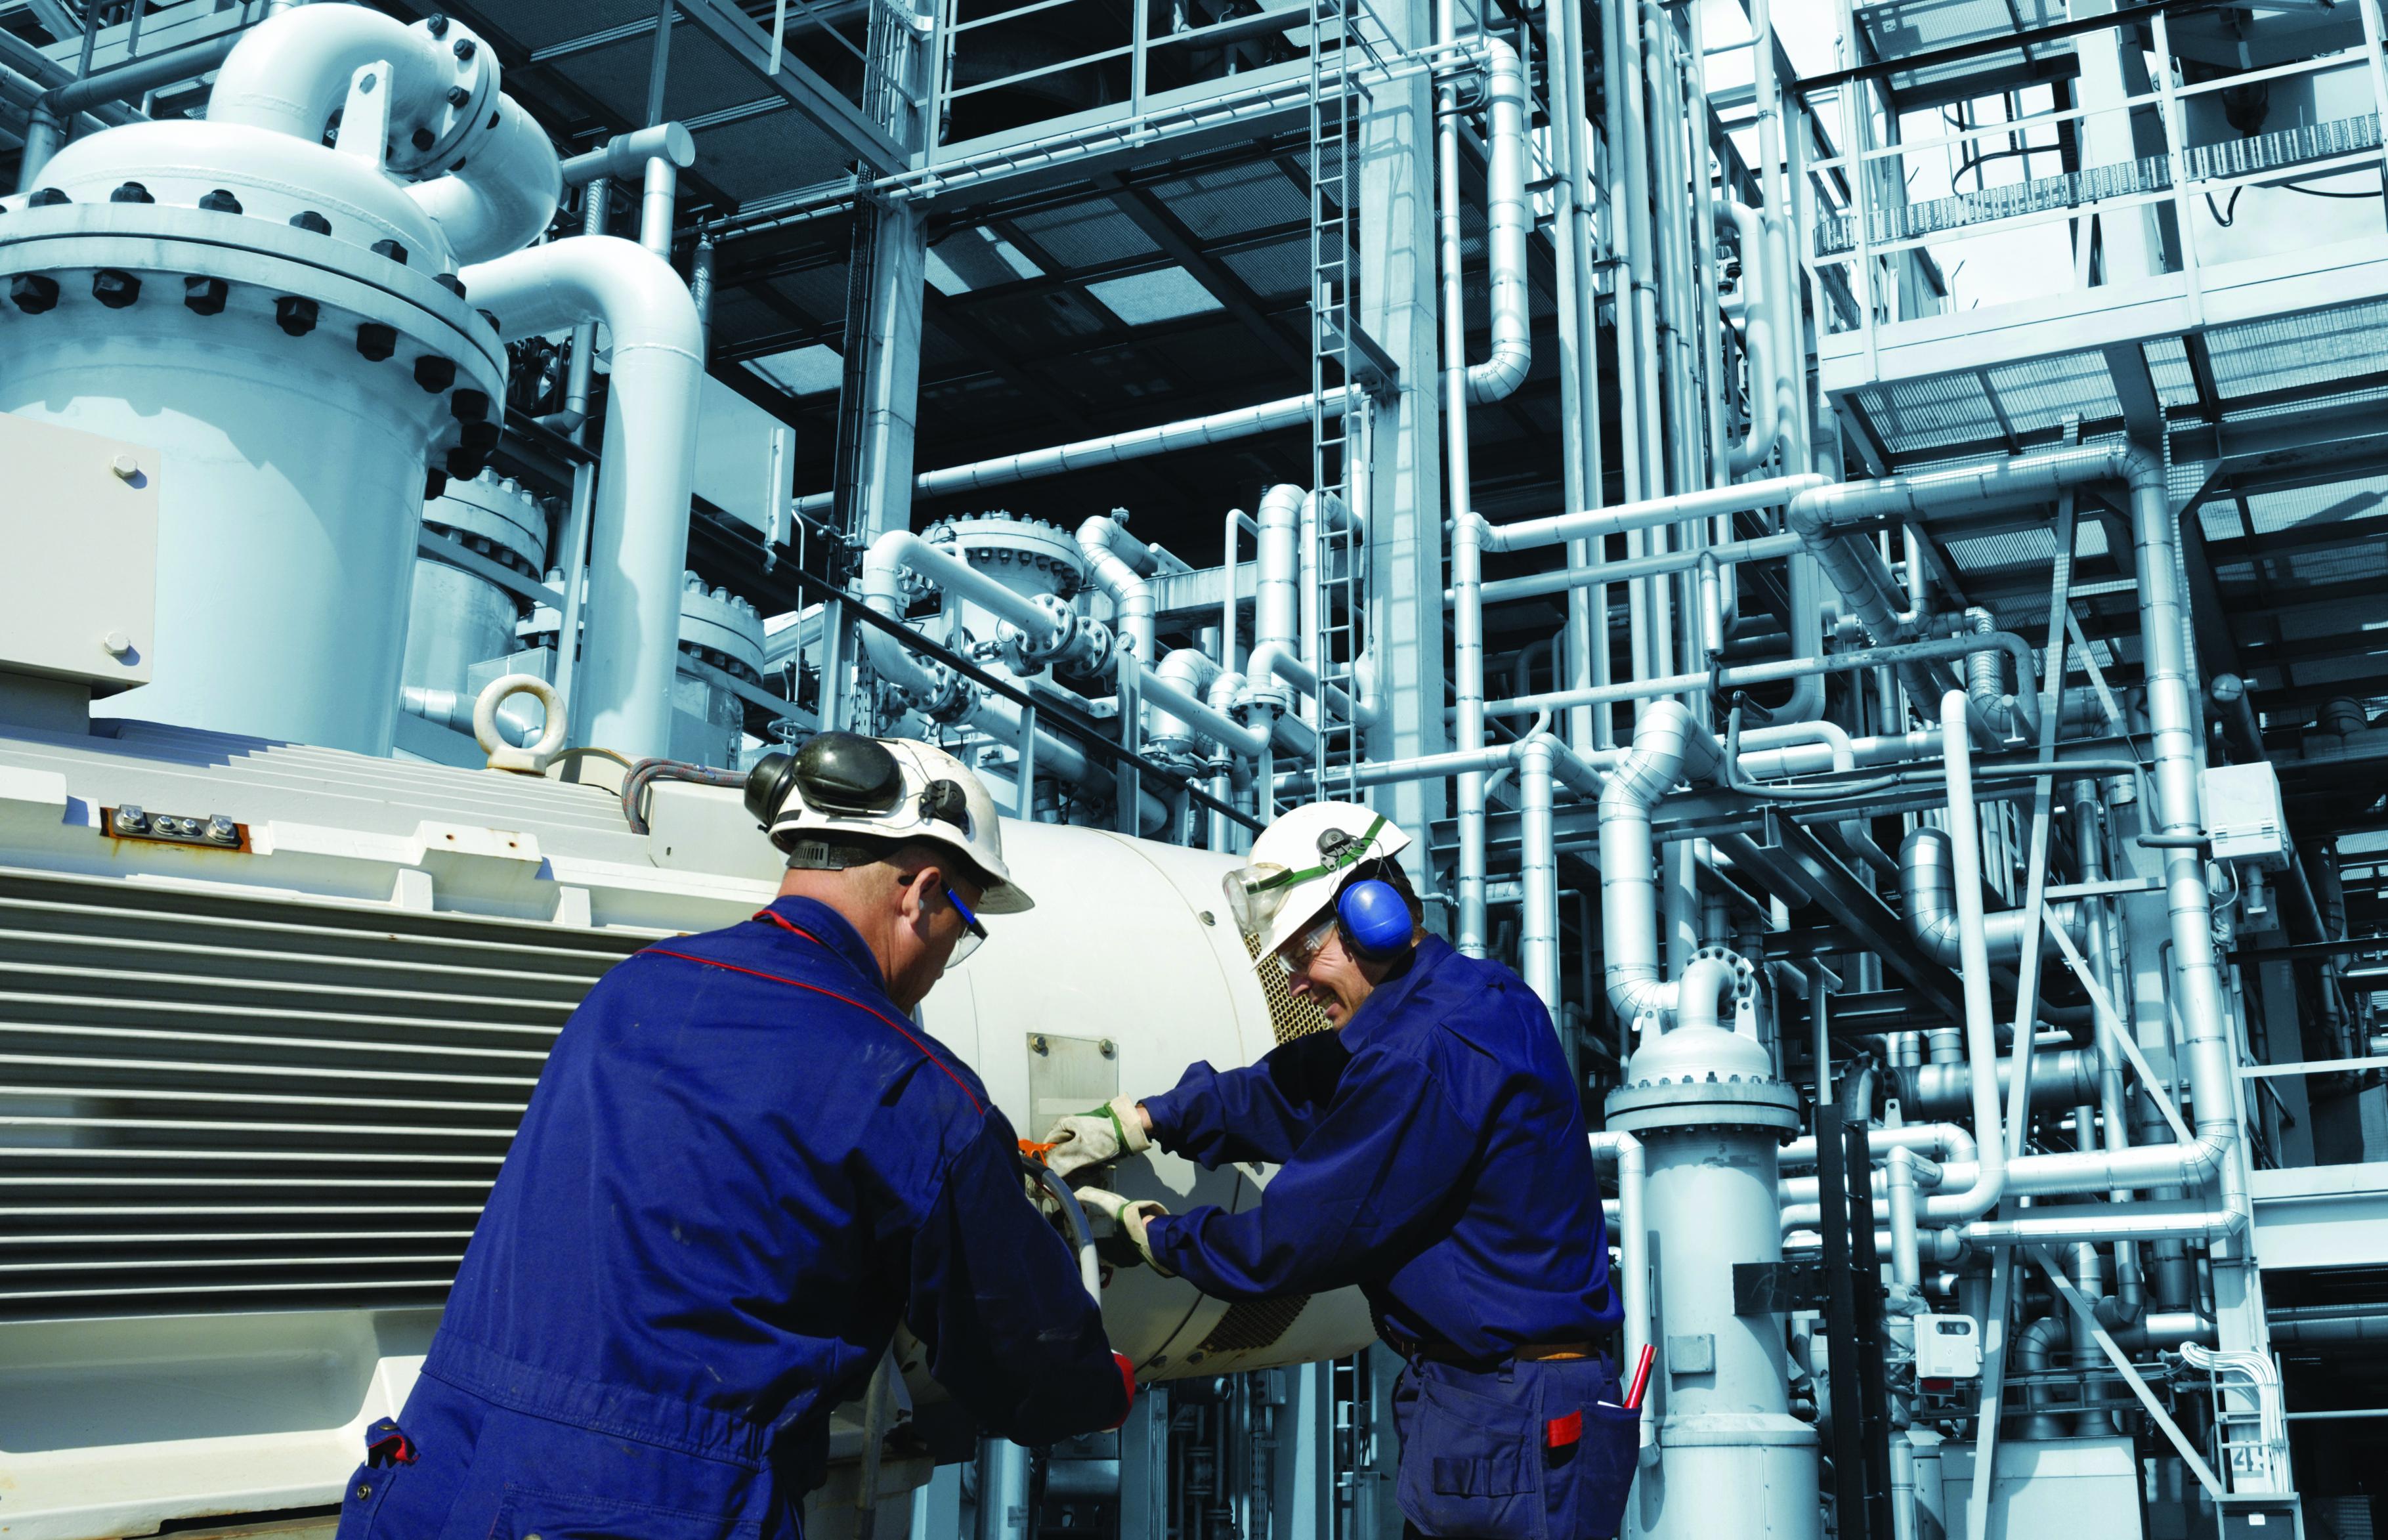 фотографий, фото рабочего дня на нефтяном предприятии имеется